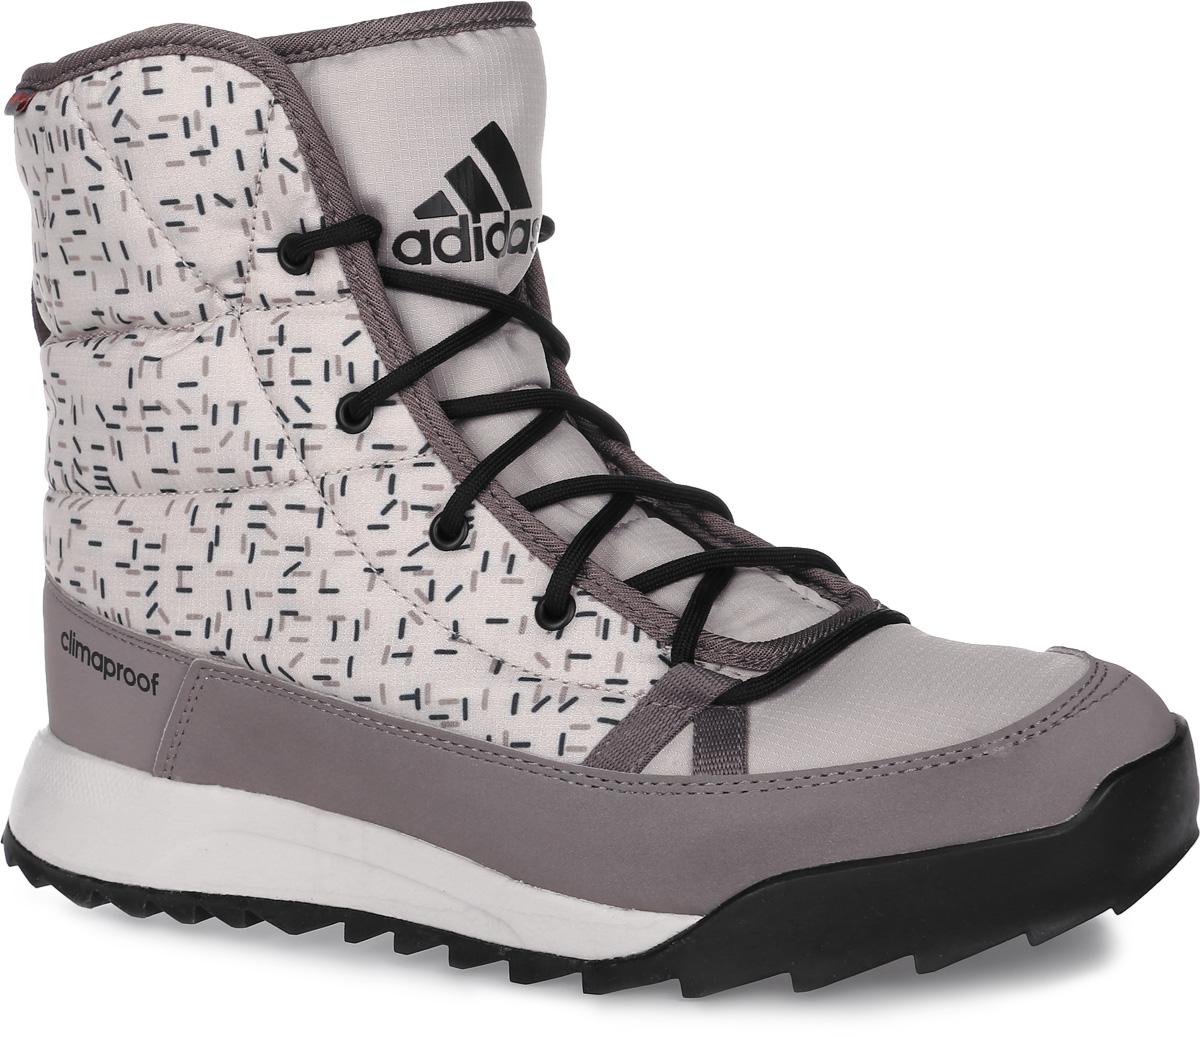 БотинкиAQ2024Женские туристические ботинки CW Choleah Padded C от adidas, выполненные из водонепроницаемого материала Climaproof с утеплителем PrimaLoft сохранят ваши ноги в тепле и сухости на заснеженных тропах и холодных улицах. Высокотехнологичный синтетический наполнитель PrimaLoft продолжает греть даже во влажном состоянии. Текстильный верх с геометрическим принтом и дизайн адаптирован под особенности женской стопы. Модель дополнена вставками из синтетических материалов для износостойкости. Резиновая подошва Traxion с глубоким протектором для оптимального сцепления сохраняет свои свойства в течение долгого времени.